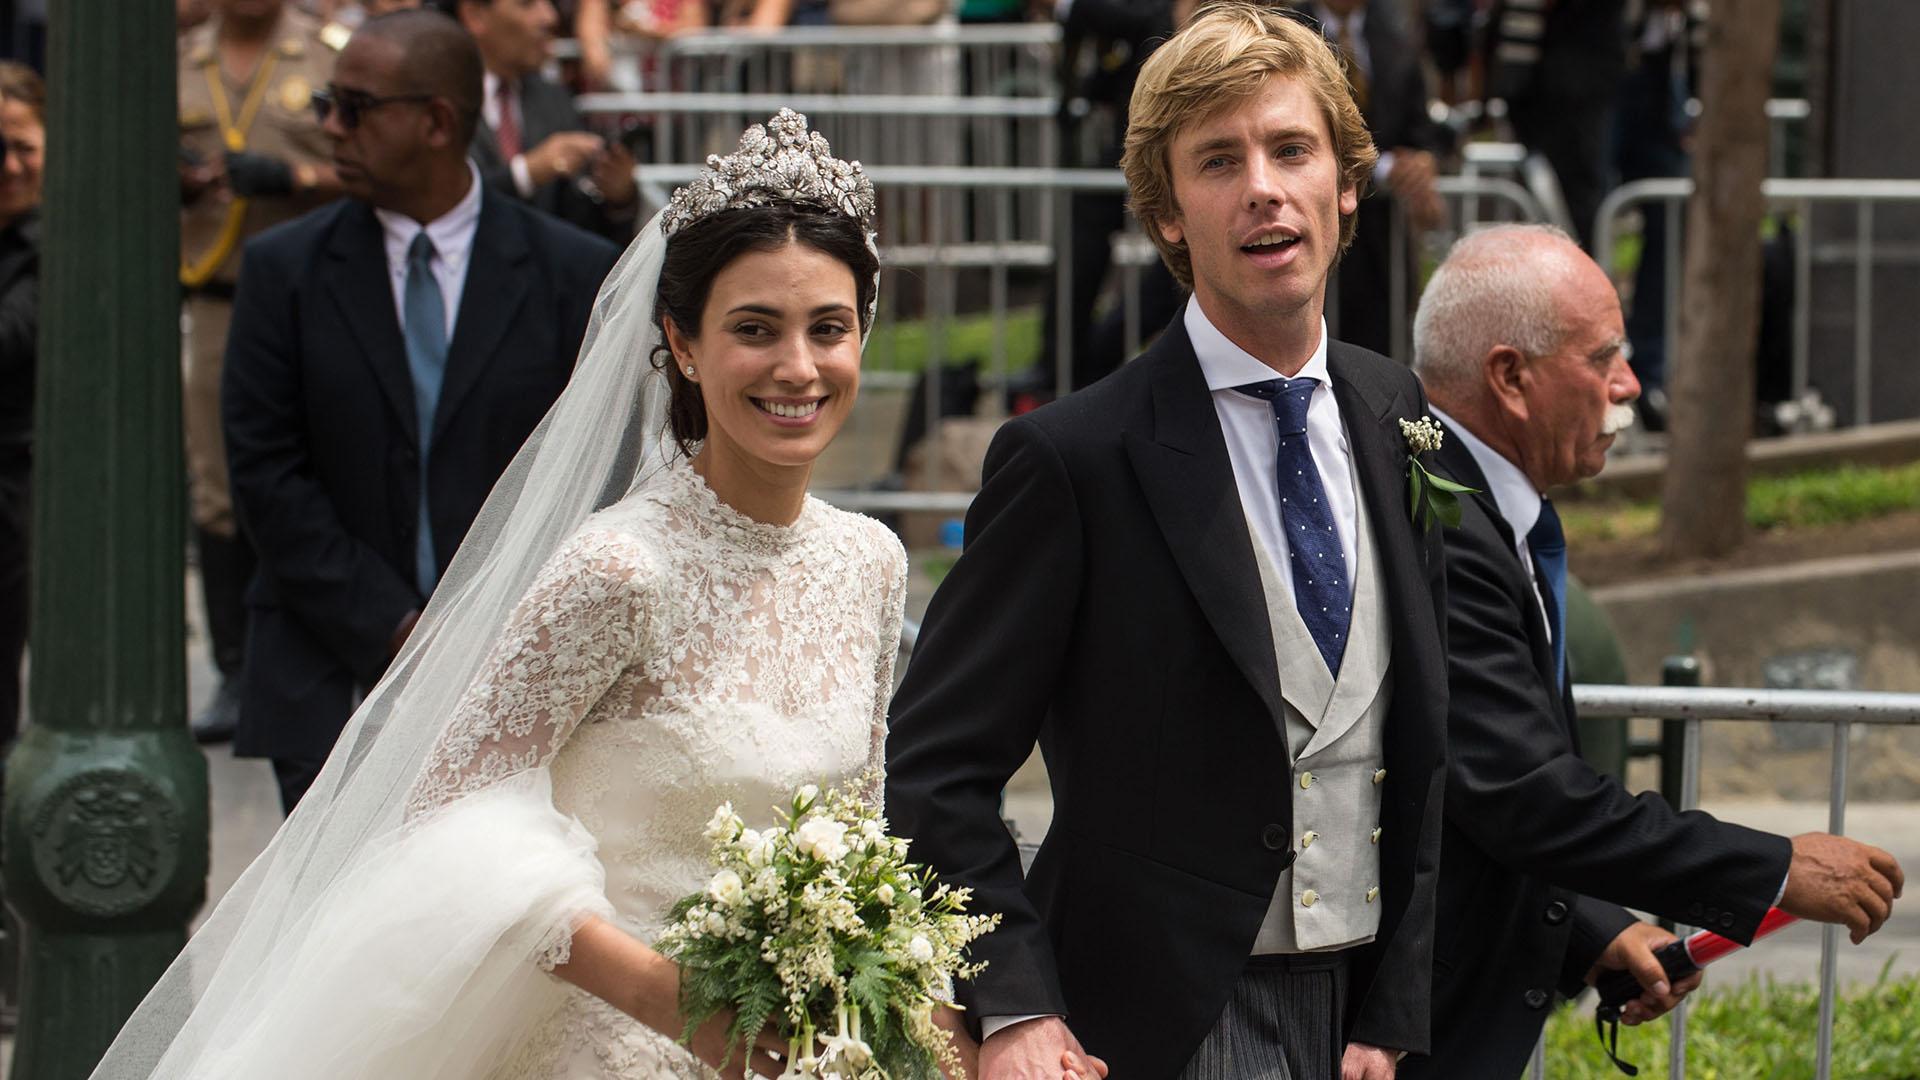 La pareja, contrajo matrimonio por civil en el año pasado en Londres. Las celebraciones continuaron durante el fin de semana.